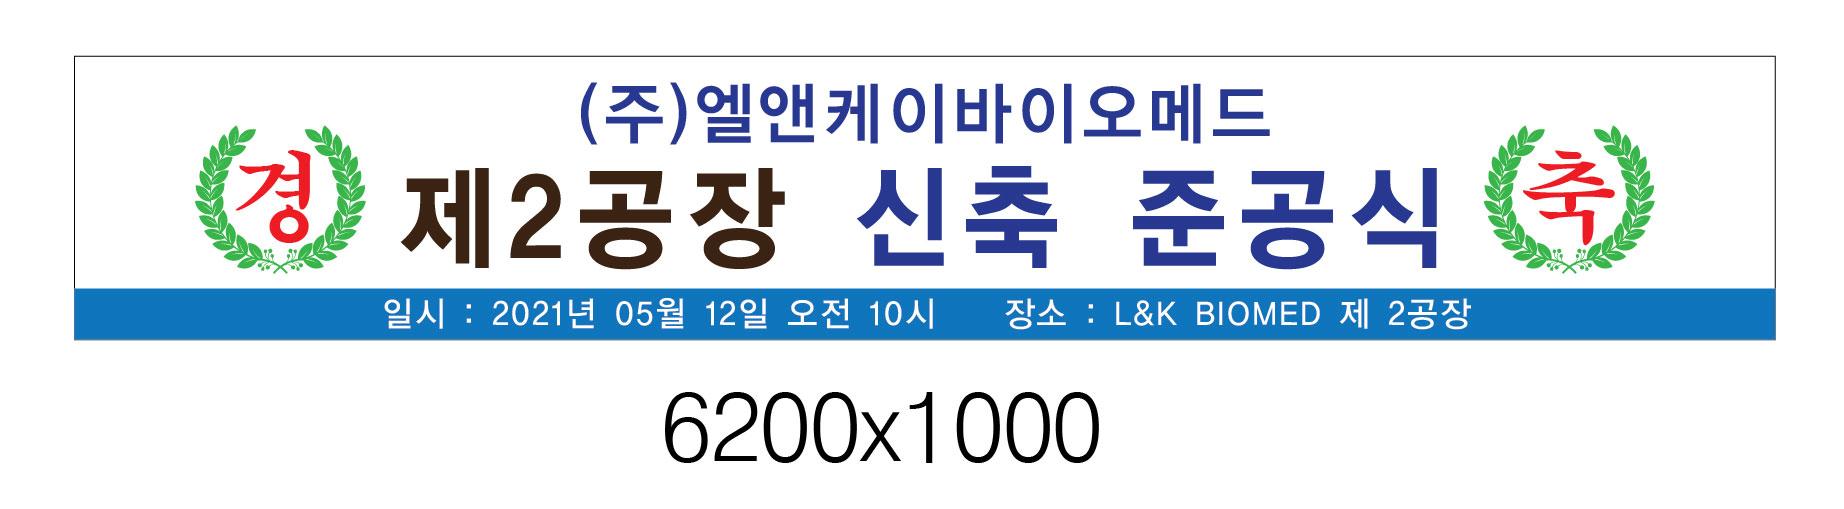 현수막_2021년_경축준공식_620_100_3차.jpg